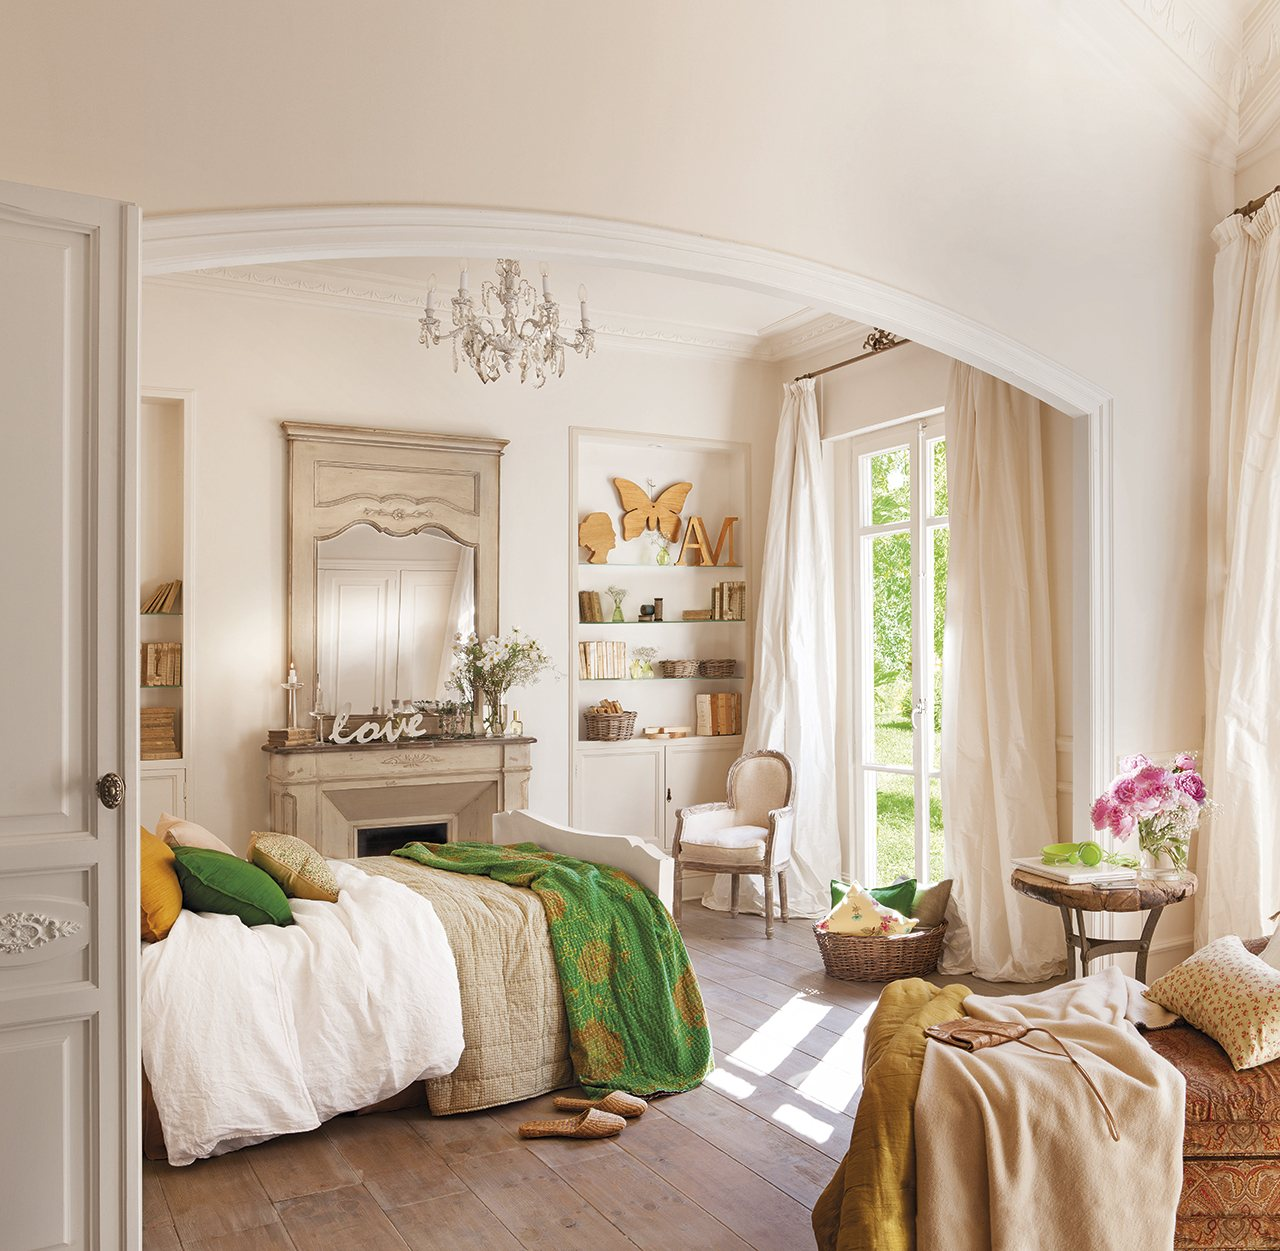 Los 10 dormitorios m s bonitos del a o - Dormitorios juveniles el mueble ...